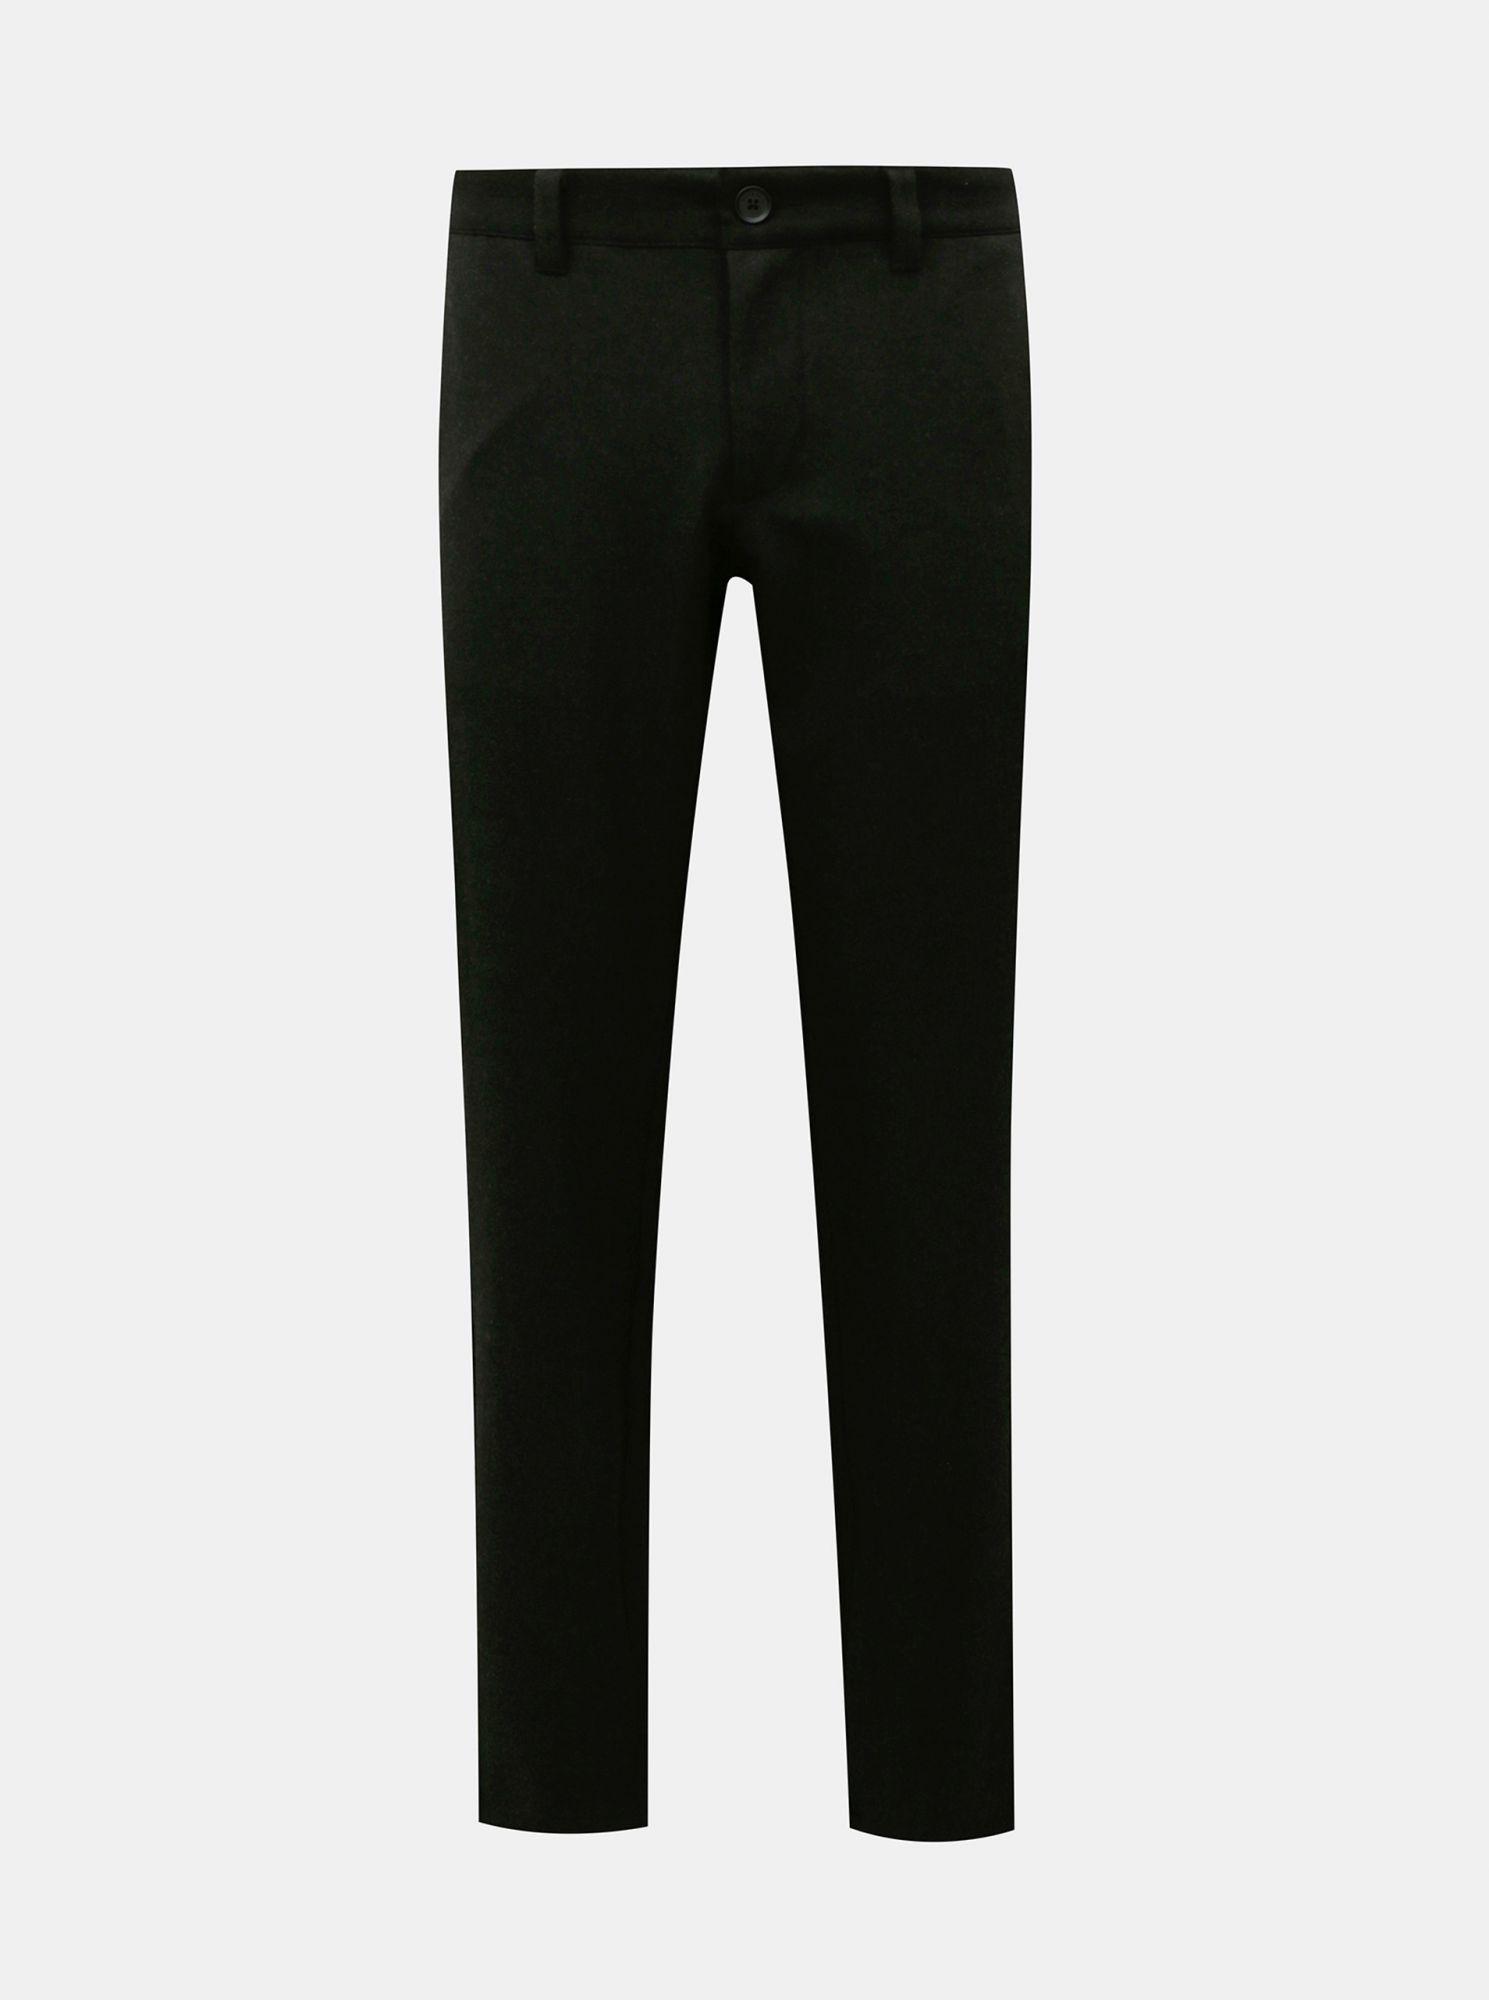 ONLY & SONS černé pánské kalhoty Mark